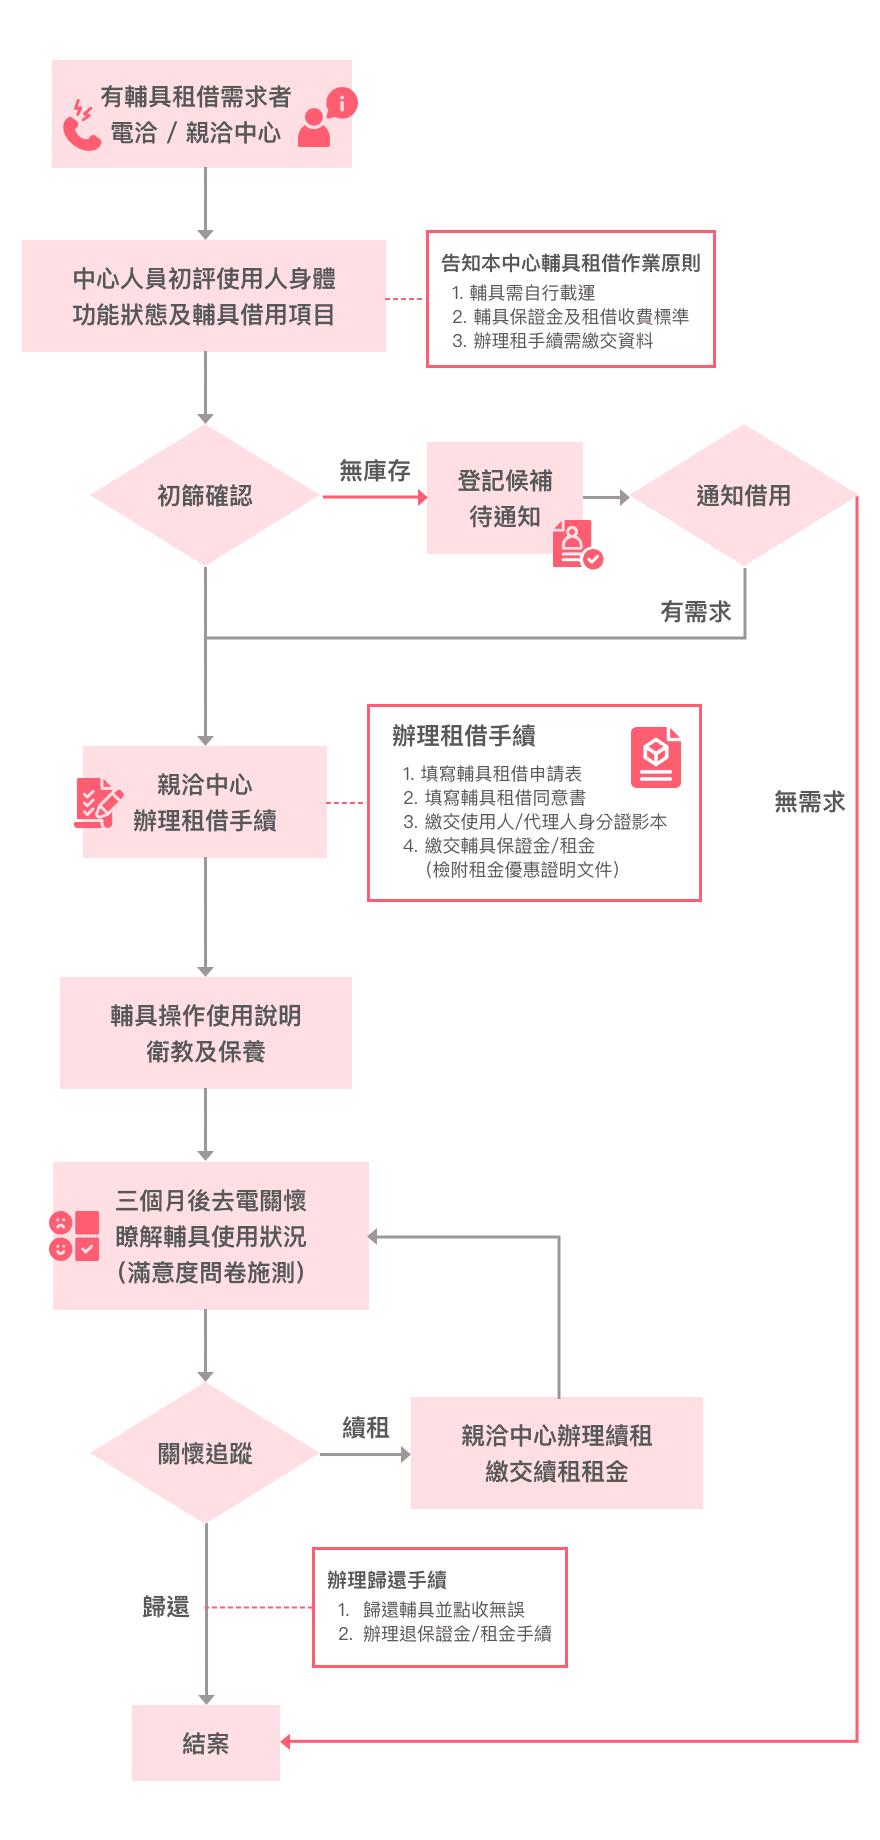 輔具租借的流程說明